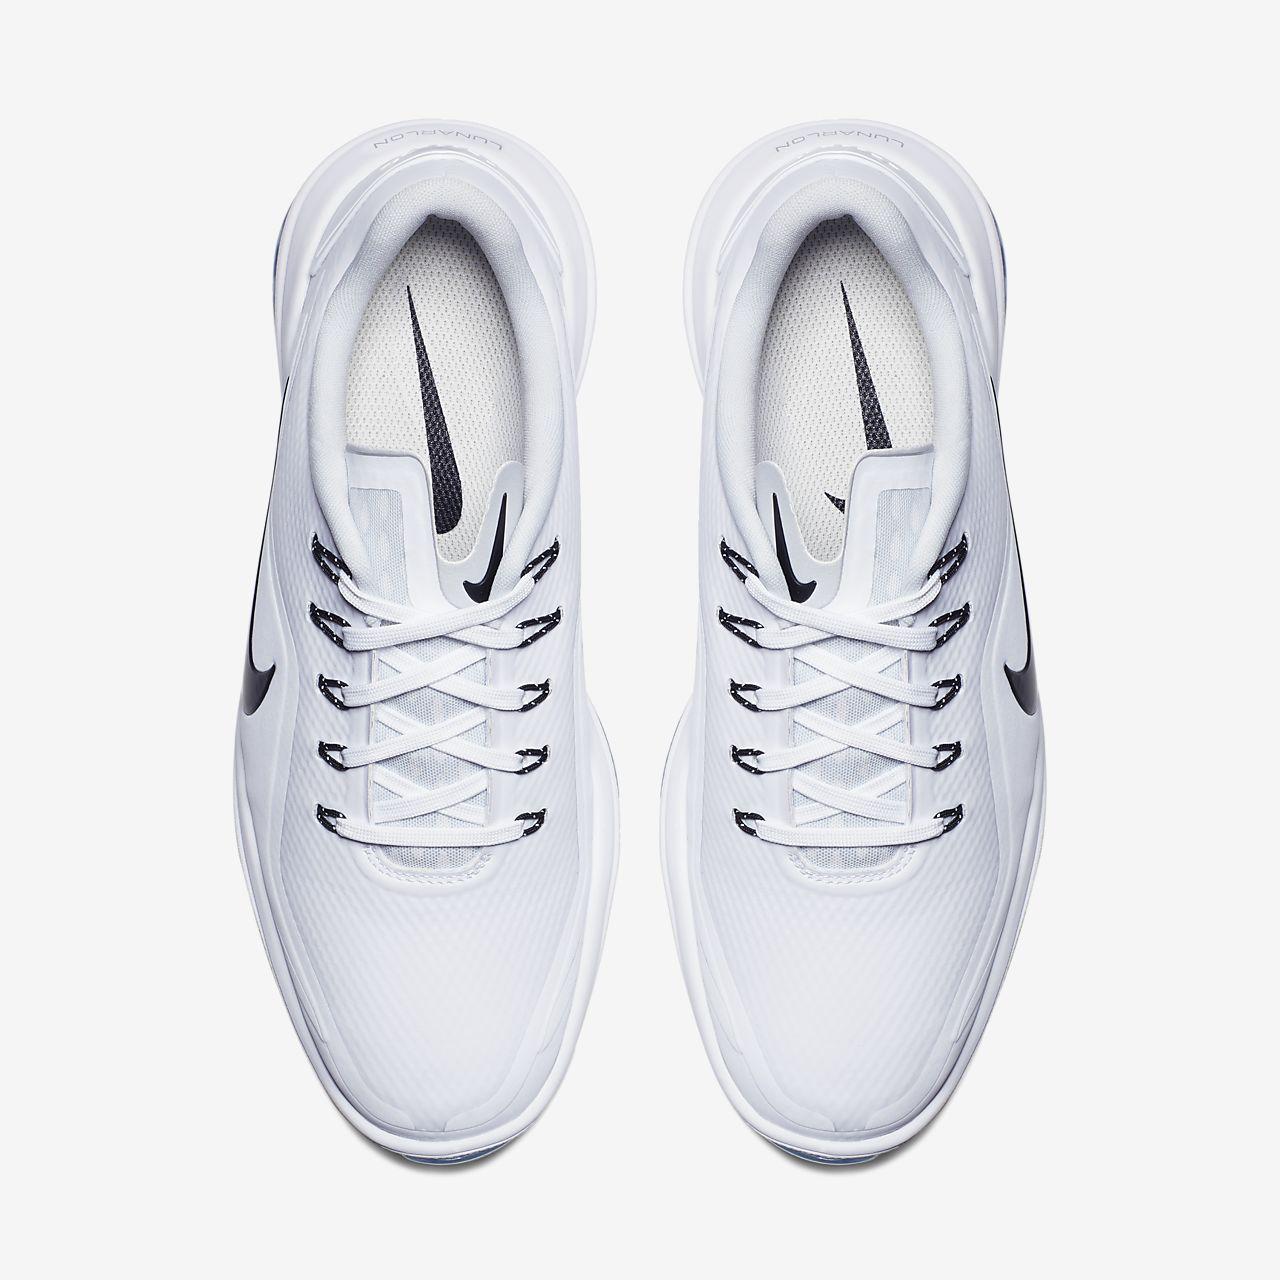 62dc00683bb Nike Lunar Control Vapor 2 Women s Golf Shoe. Nike.com CA